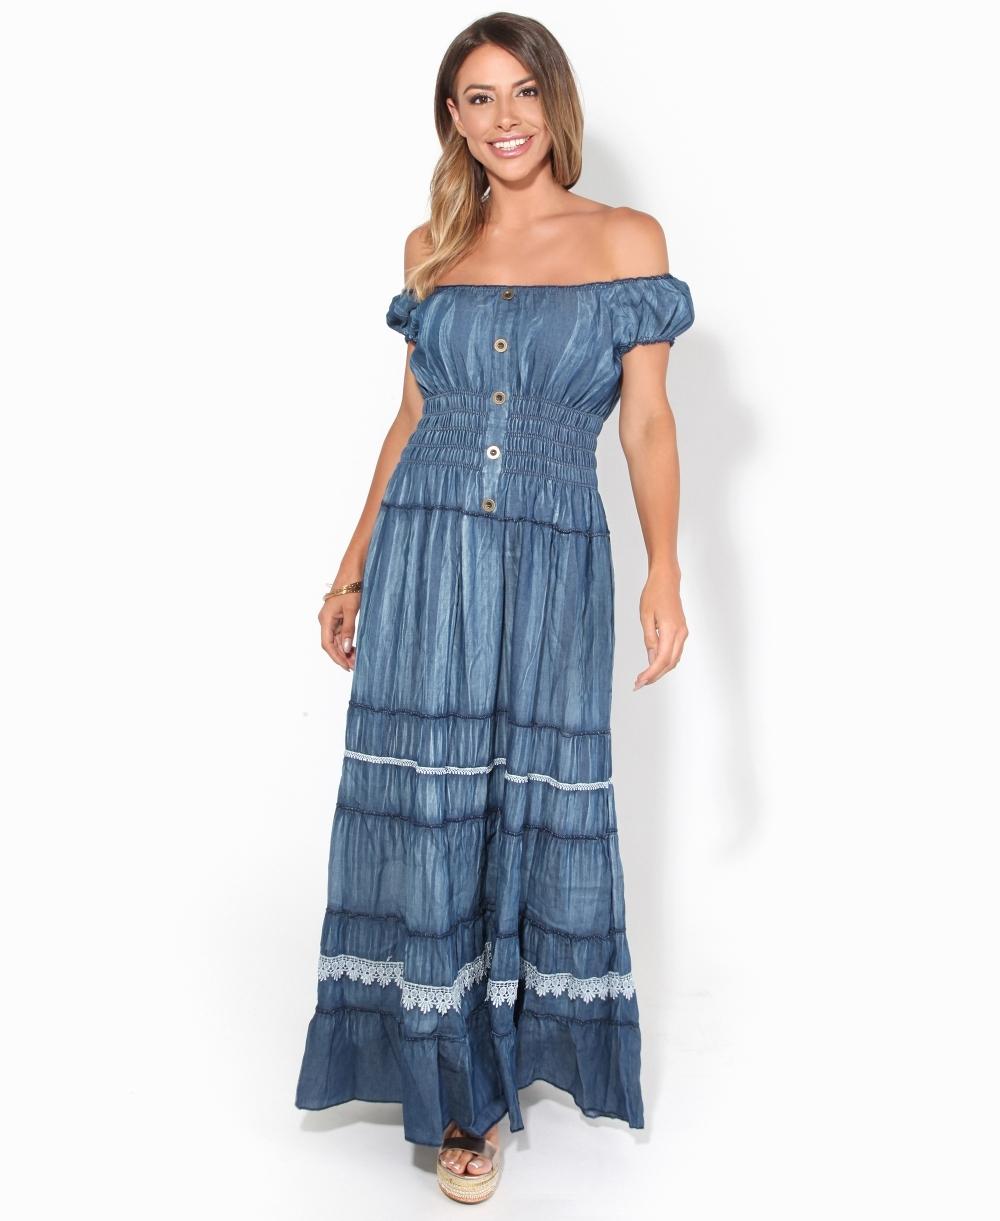 Lace Detailed Denim Maxi Dress